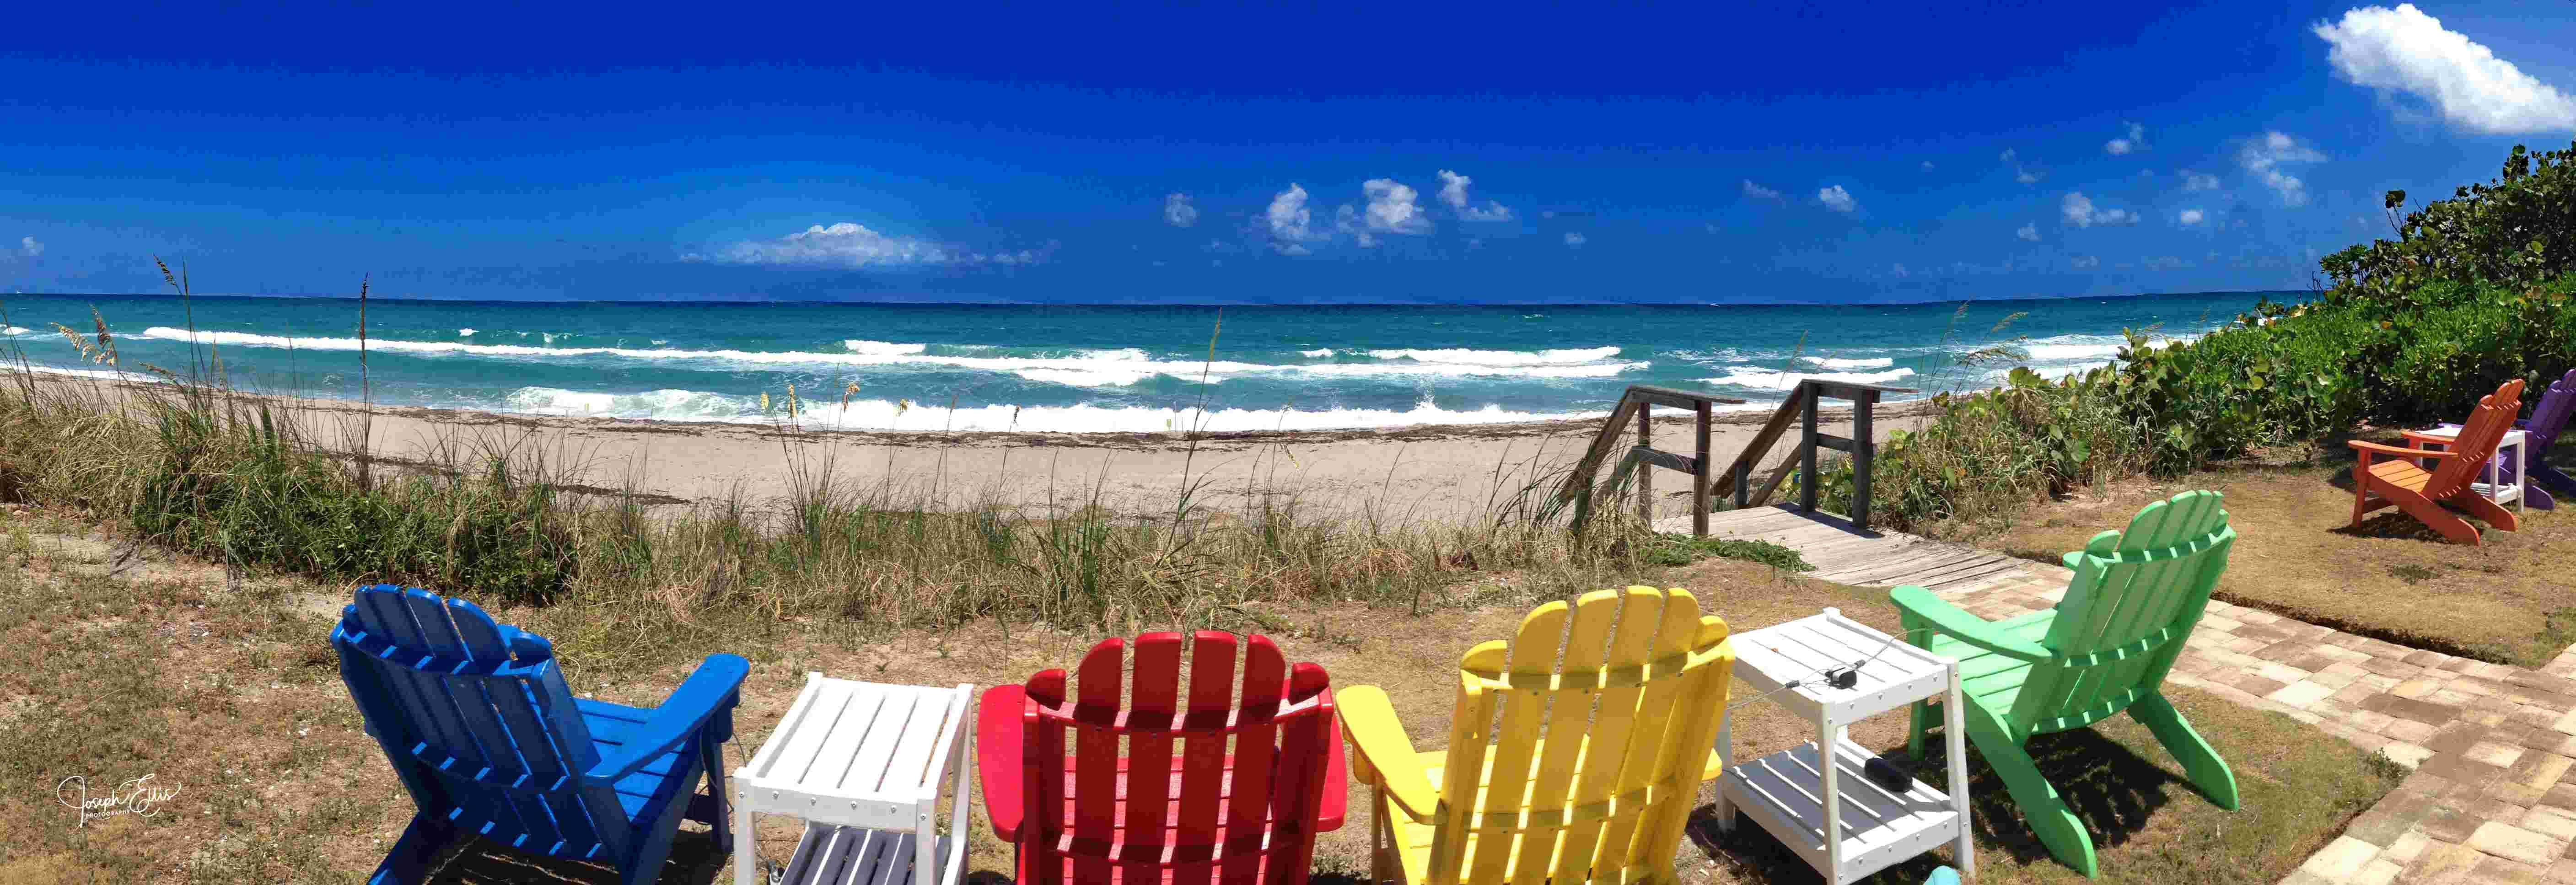 FL Beach Chairs